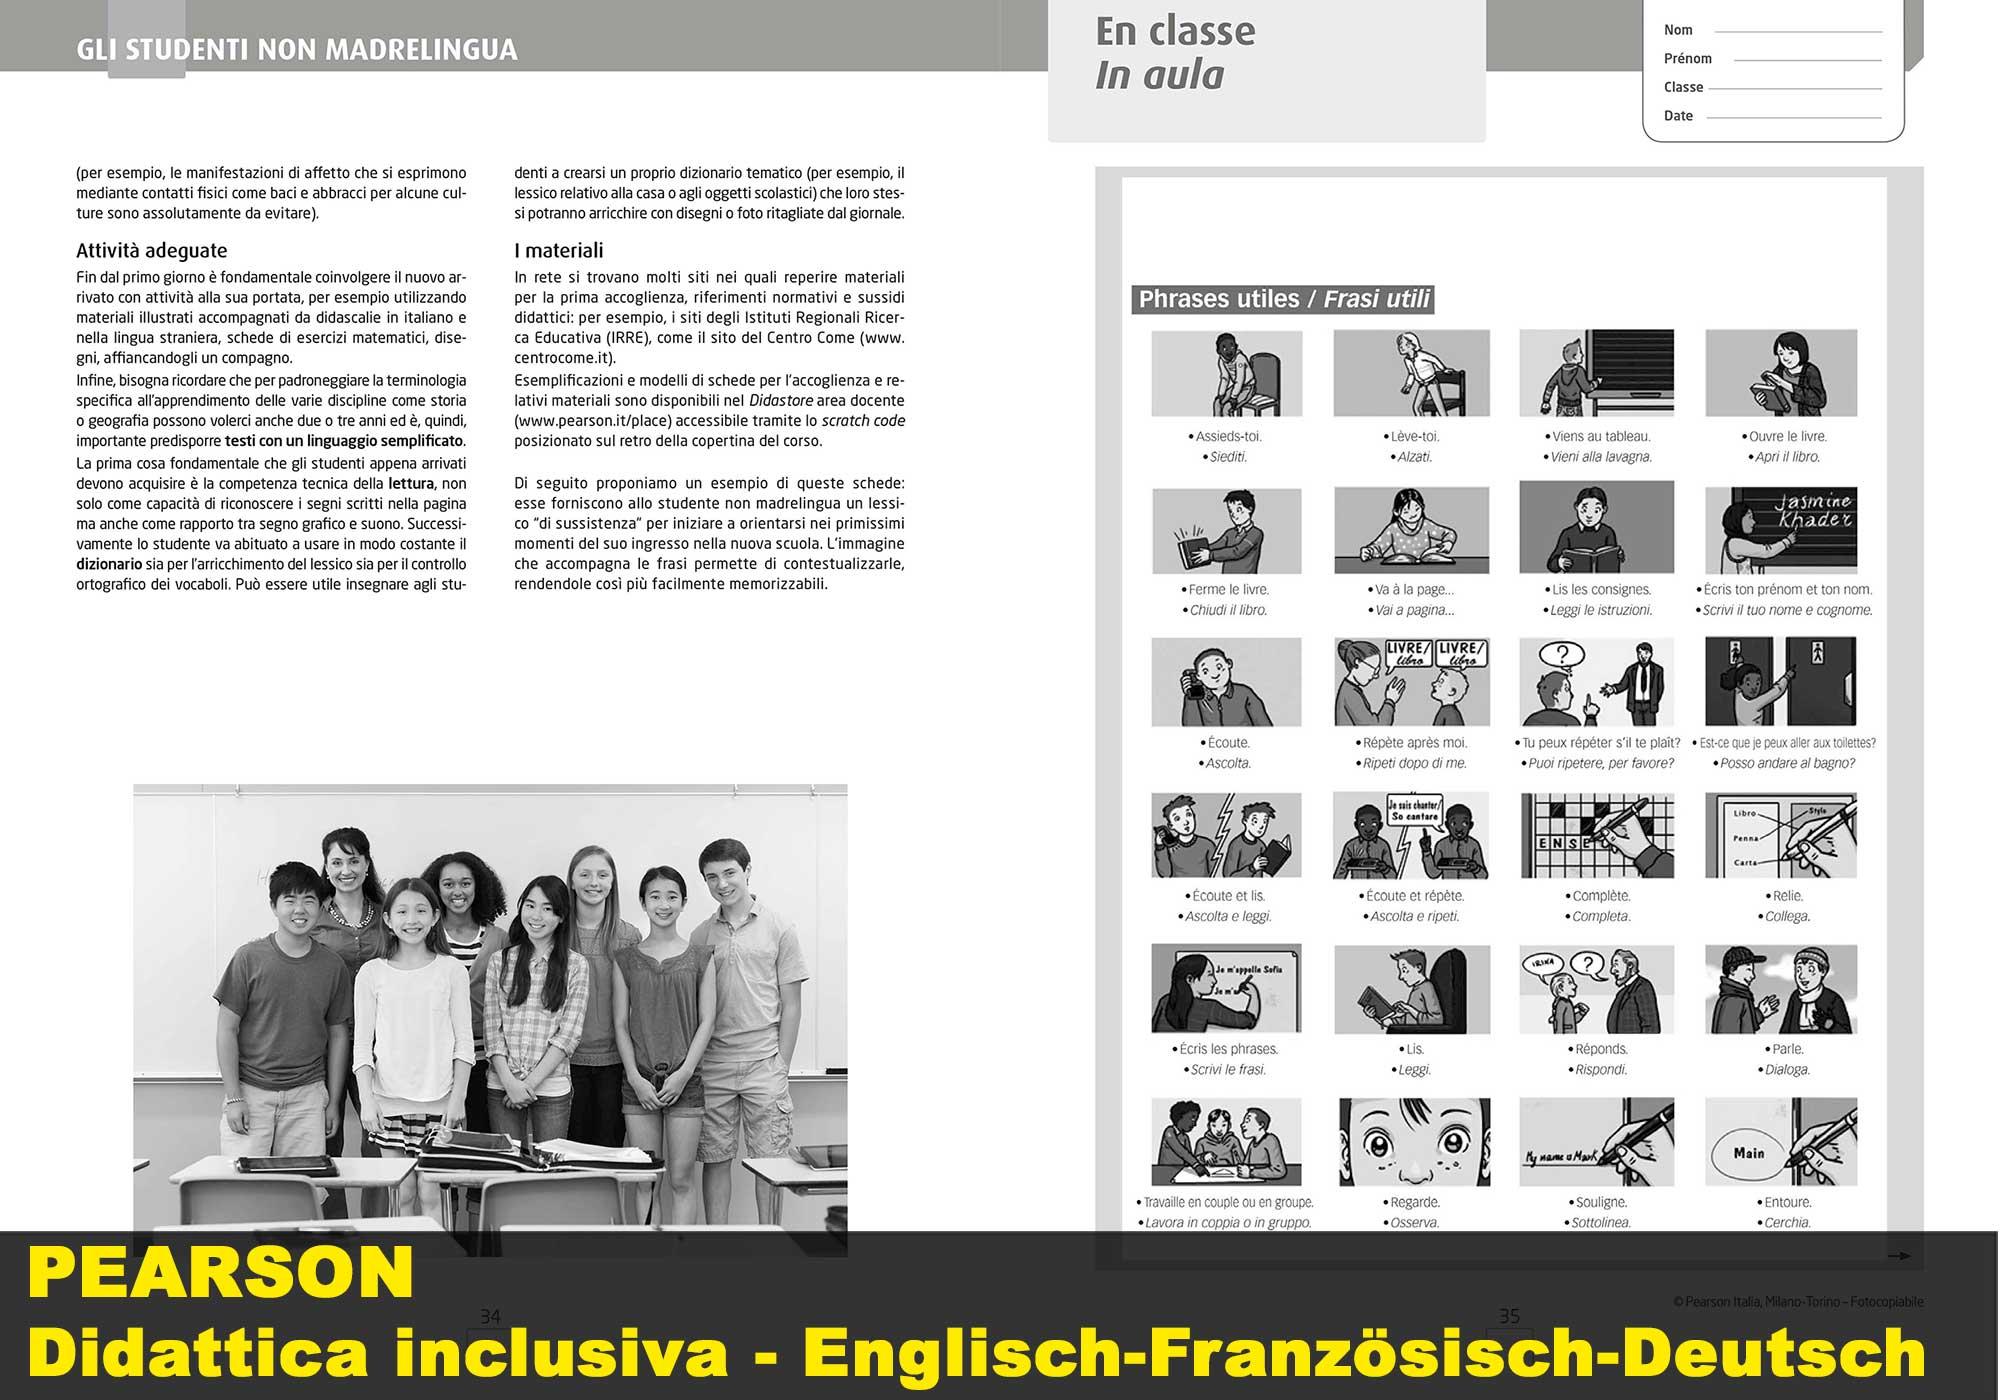 Englisch-Französisch-Deutsch